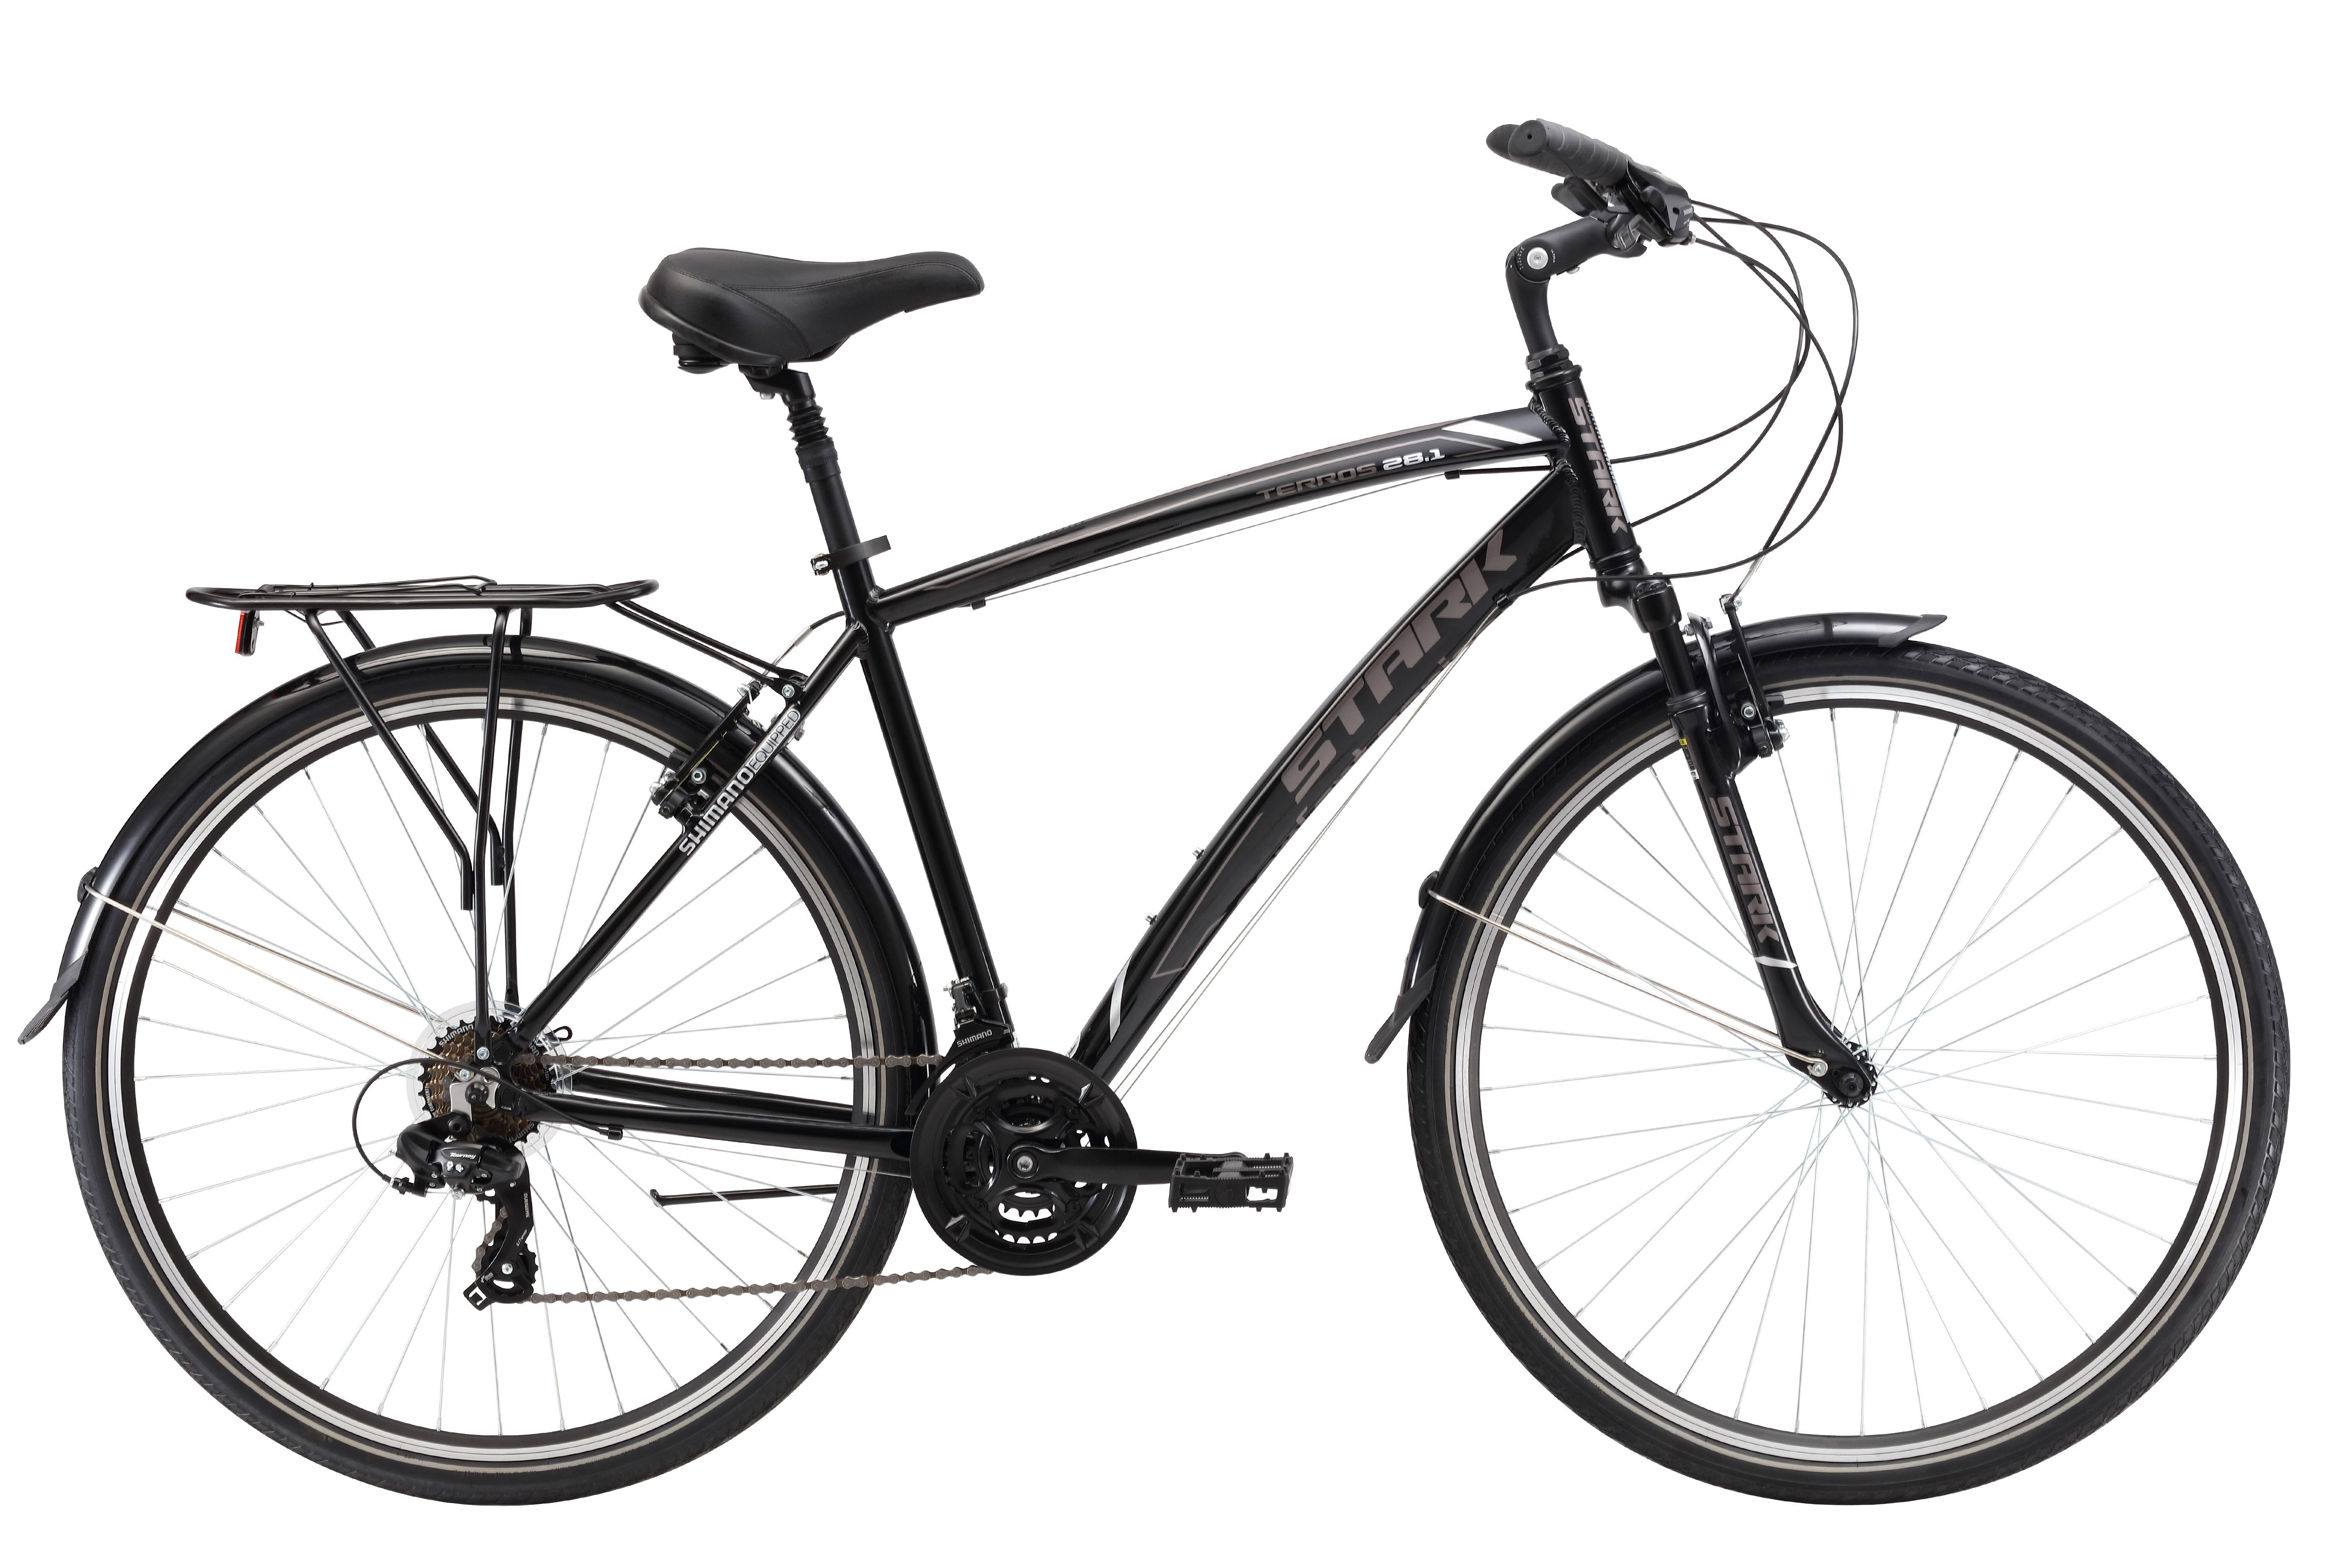 Велосипед Stark Terros 28.1 V (2017) черно-серый 18КОМФОРТНАЯ ПОСАДКА<br>Надёжный и стильный велосипед Stark Terros 28.1 V приятно удивит вас своей ценой и качеством. Данная модель прекрасно справится как с прогулками по городу, так и с катанием по просёлочным дорогам. Рама велосипеда имеет малый вес, так как сделана из прочного алюминиевого сплава. Амортизационный подседельный штырь и передняя амортизационная вилка позволят с комфортом преодолевать неровности дороги. Данная модель велосипеда оборудована трансмиссией имеющей 21 скорость, переключение передач осуществляется навесным оборудованием известного бренда SHIMANO. Велосипед оснащён надёжными ободными тормозами V-brake и прочными ободами Alloy double wall с двойной стенкой.<br><br>бренд: STARK<br>год: 2017<br>рама: Алюминий (Alloy)<br>вилка: Амортизационная (пружина)<br>блокировка амортизатора: Нет<br>диаметр колес: 700C<br>тормоза: Ободные (V-brake)<br>уровень оборудования: Начальный<br>количество скоростей: 21<br>Цвет: черно-серый<br>Размер: 18